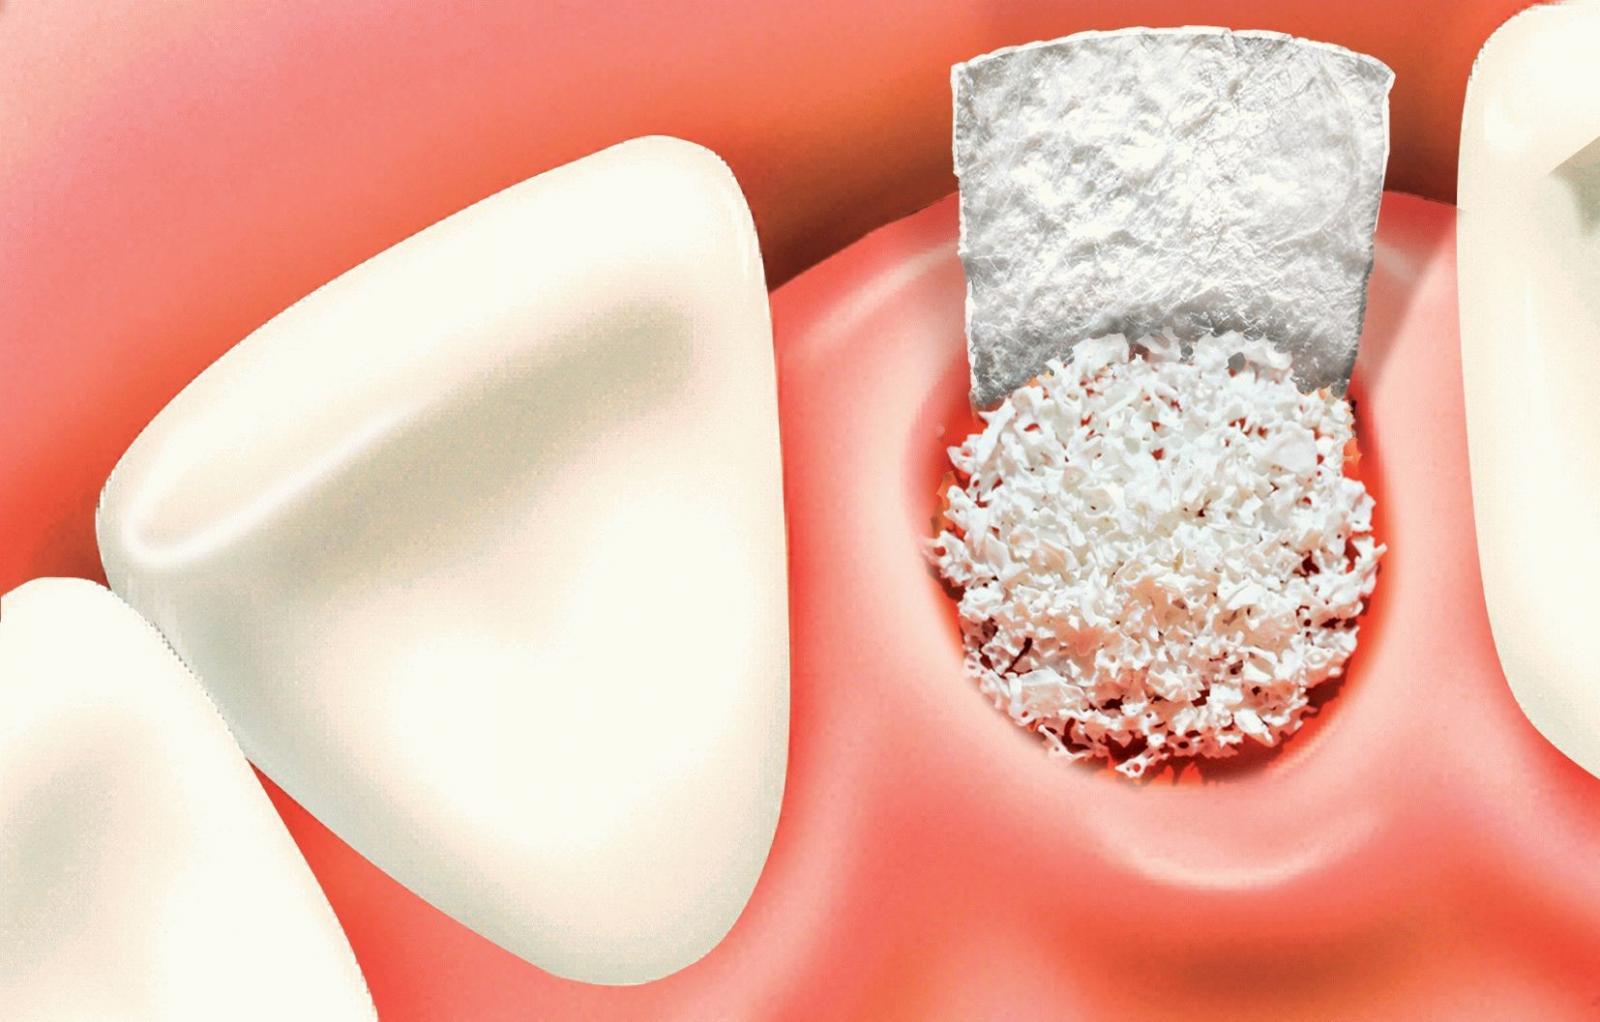 Nhổ răng khôn sau 1 tuần vẫn đau